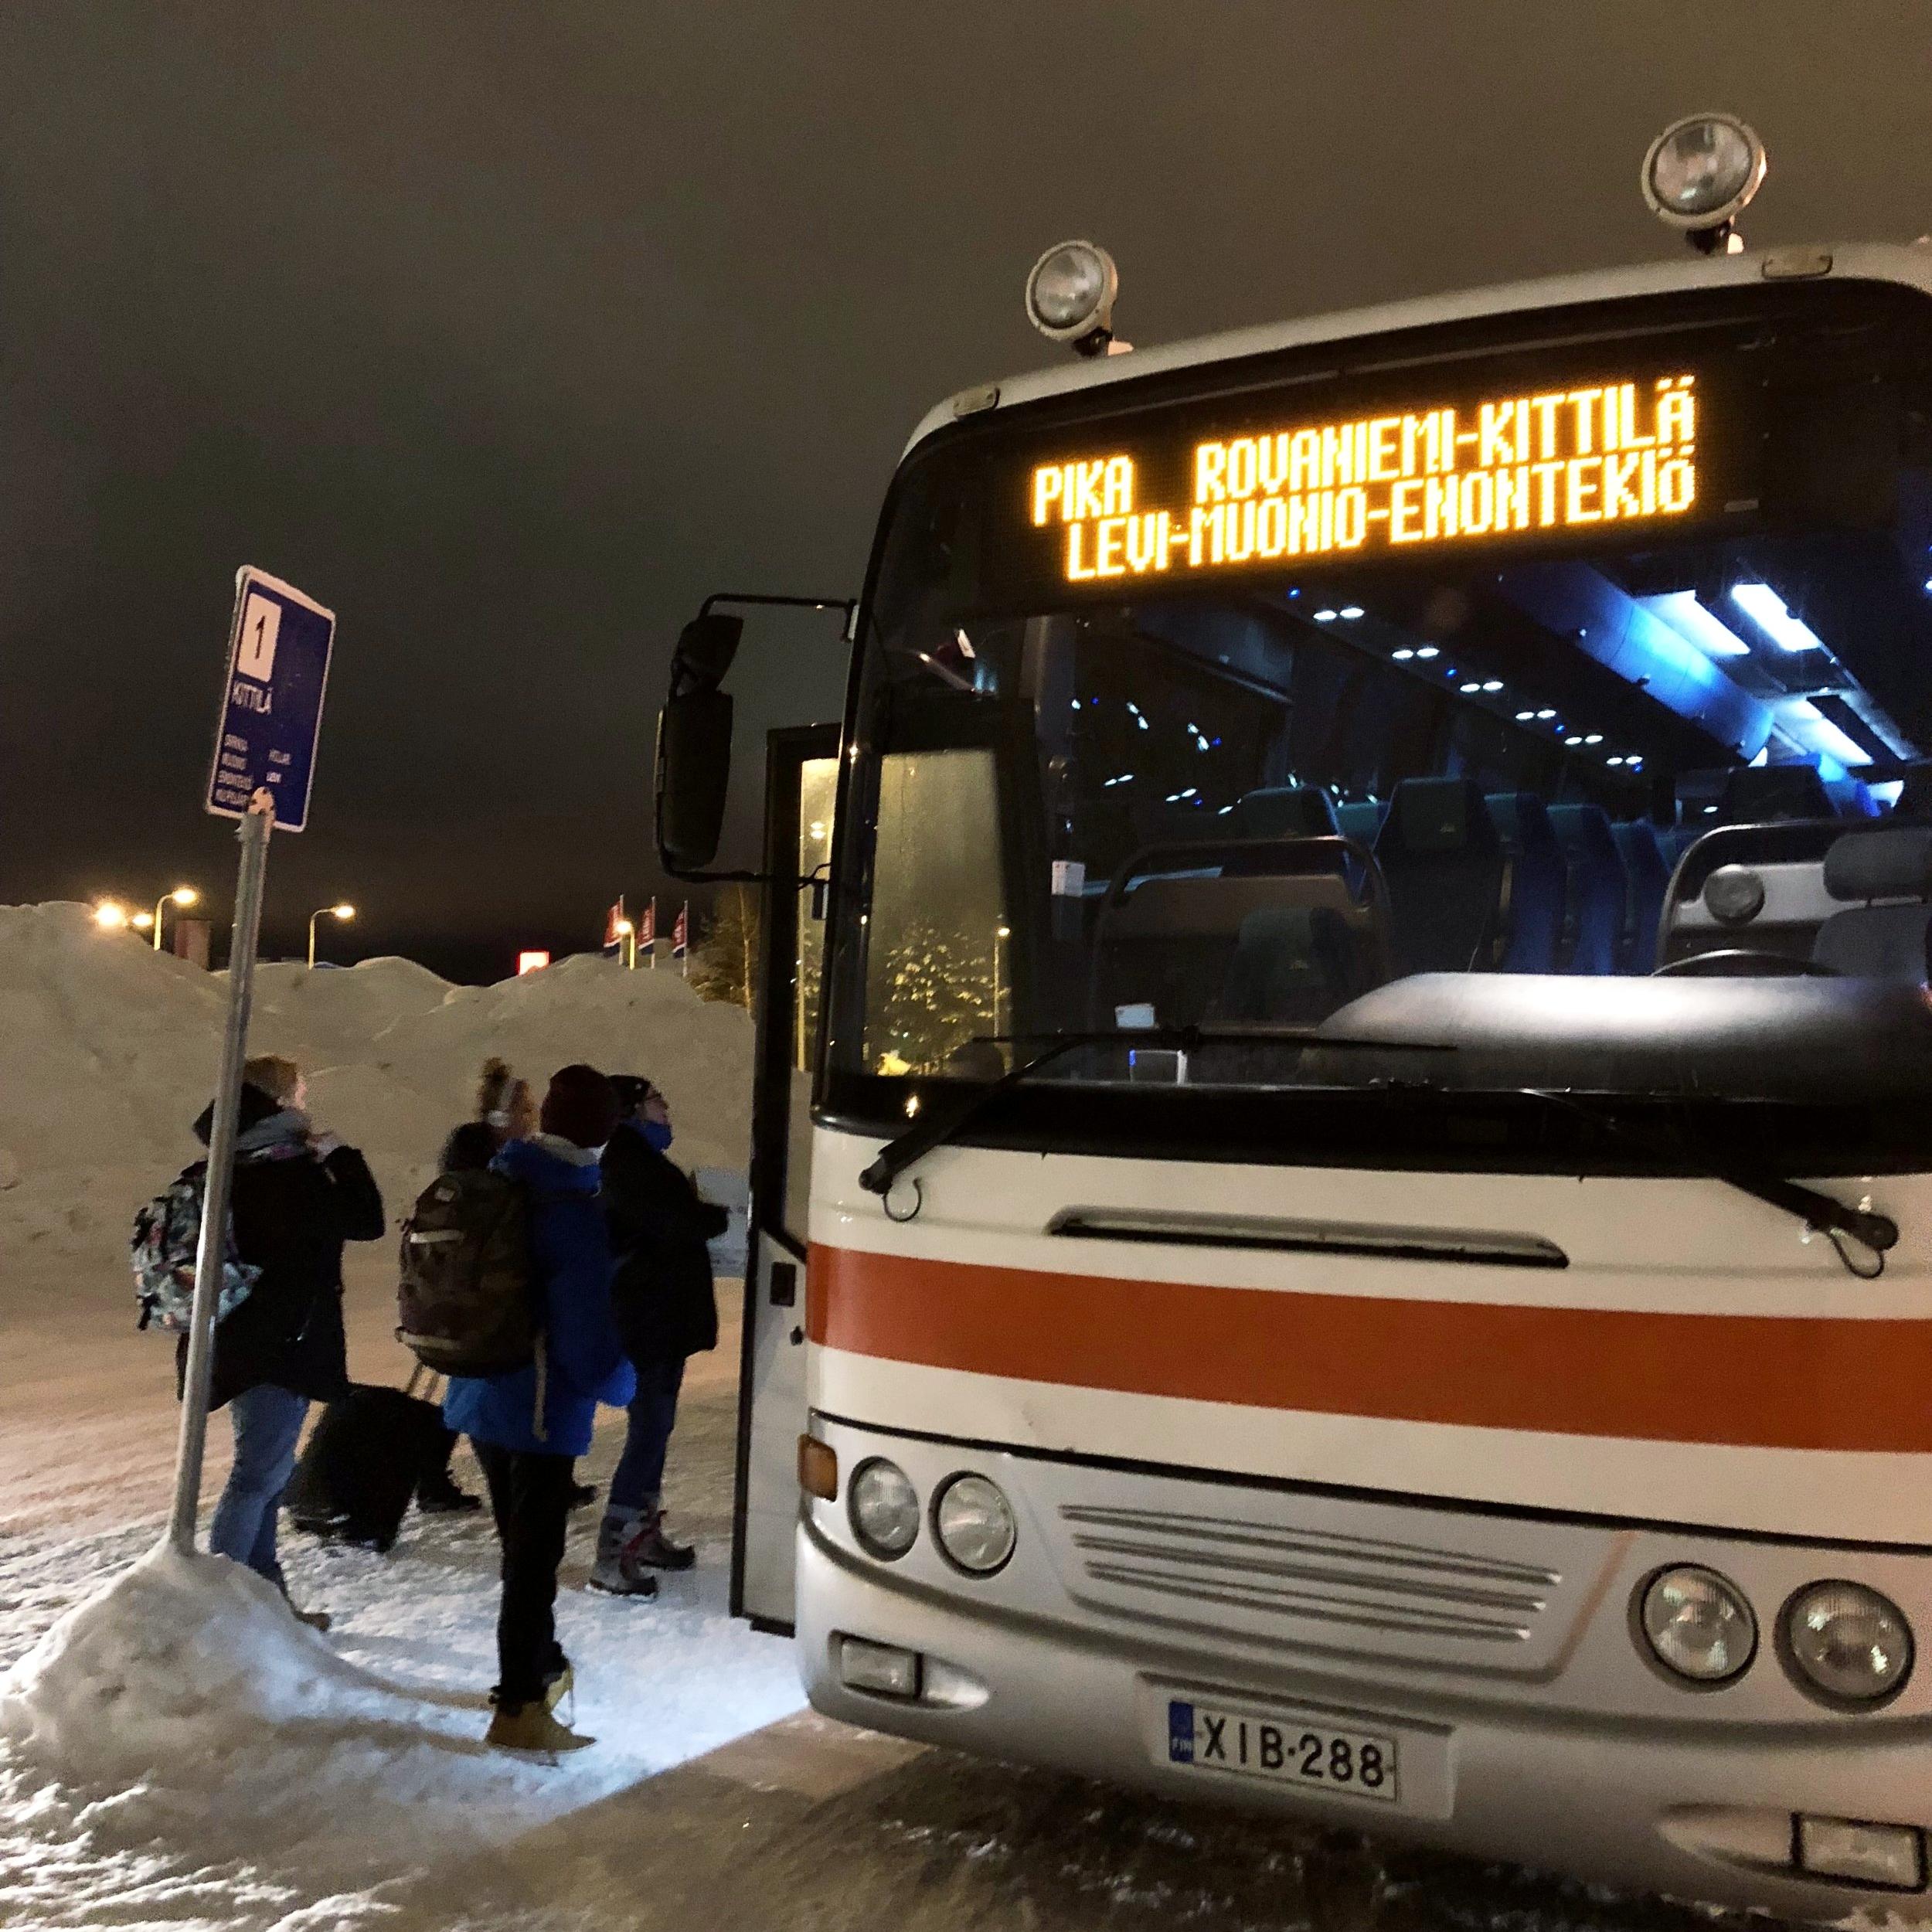 在 Rovaniemi 车站乘搭前往 Kaukonen 车站班车--Kaokonen 不是一个终点站,而是长途巴士途径的一个路边小站。不过当你上车购买车票时,表明你的目的地,然后在路上时刻留意时间(巴士网站会有全程车站和抵达时间的列表,准时度达 99%)如果你想一再确定不过站,可以在购买车票时请司机接近到站时提醒你一声。